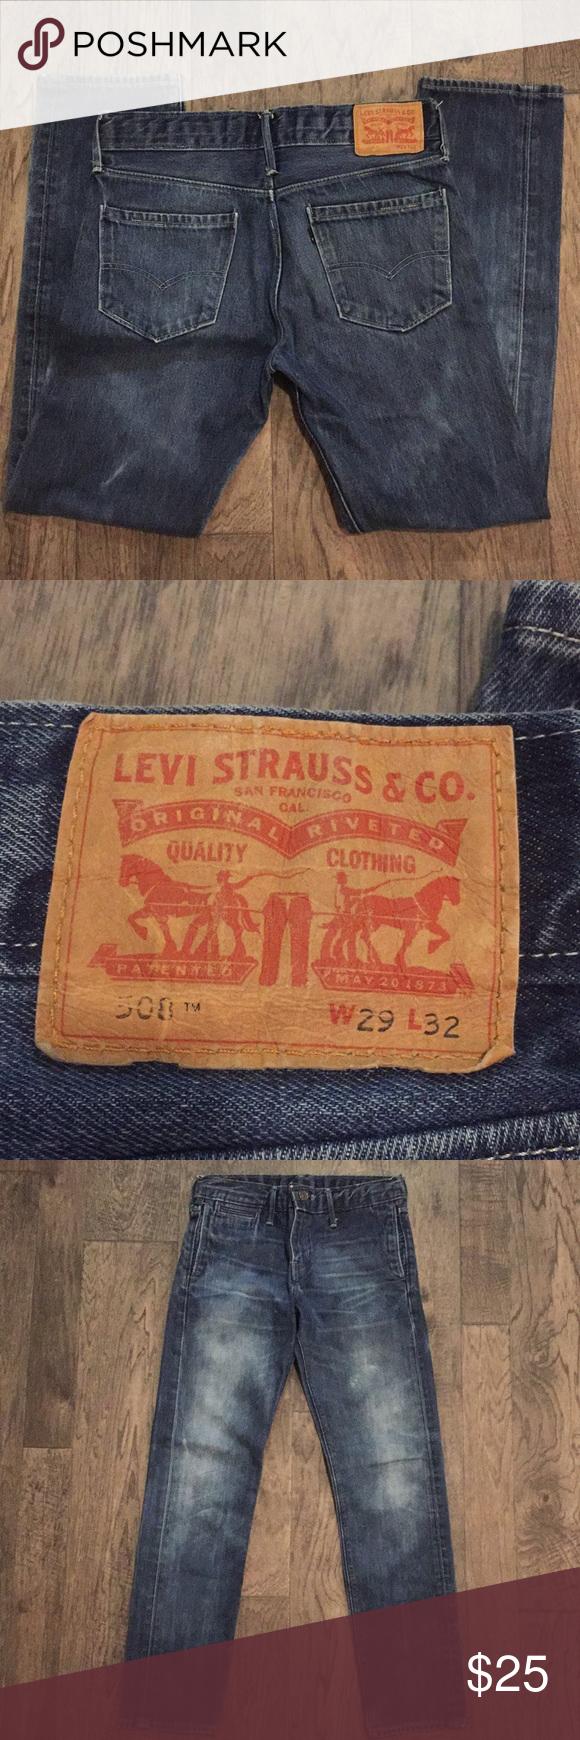 508 levis работа моделей в одессе